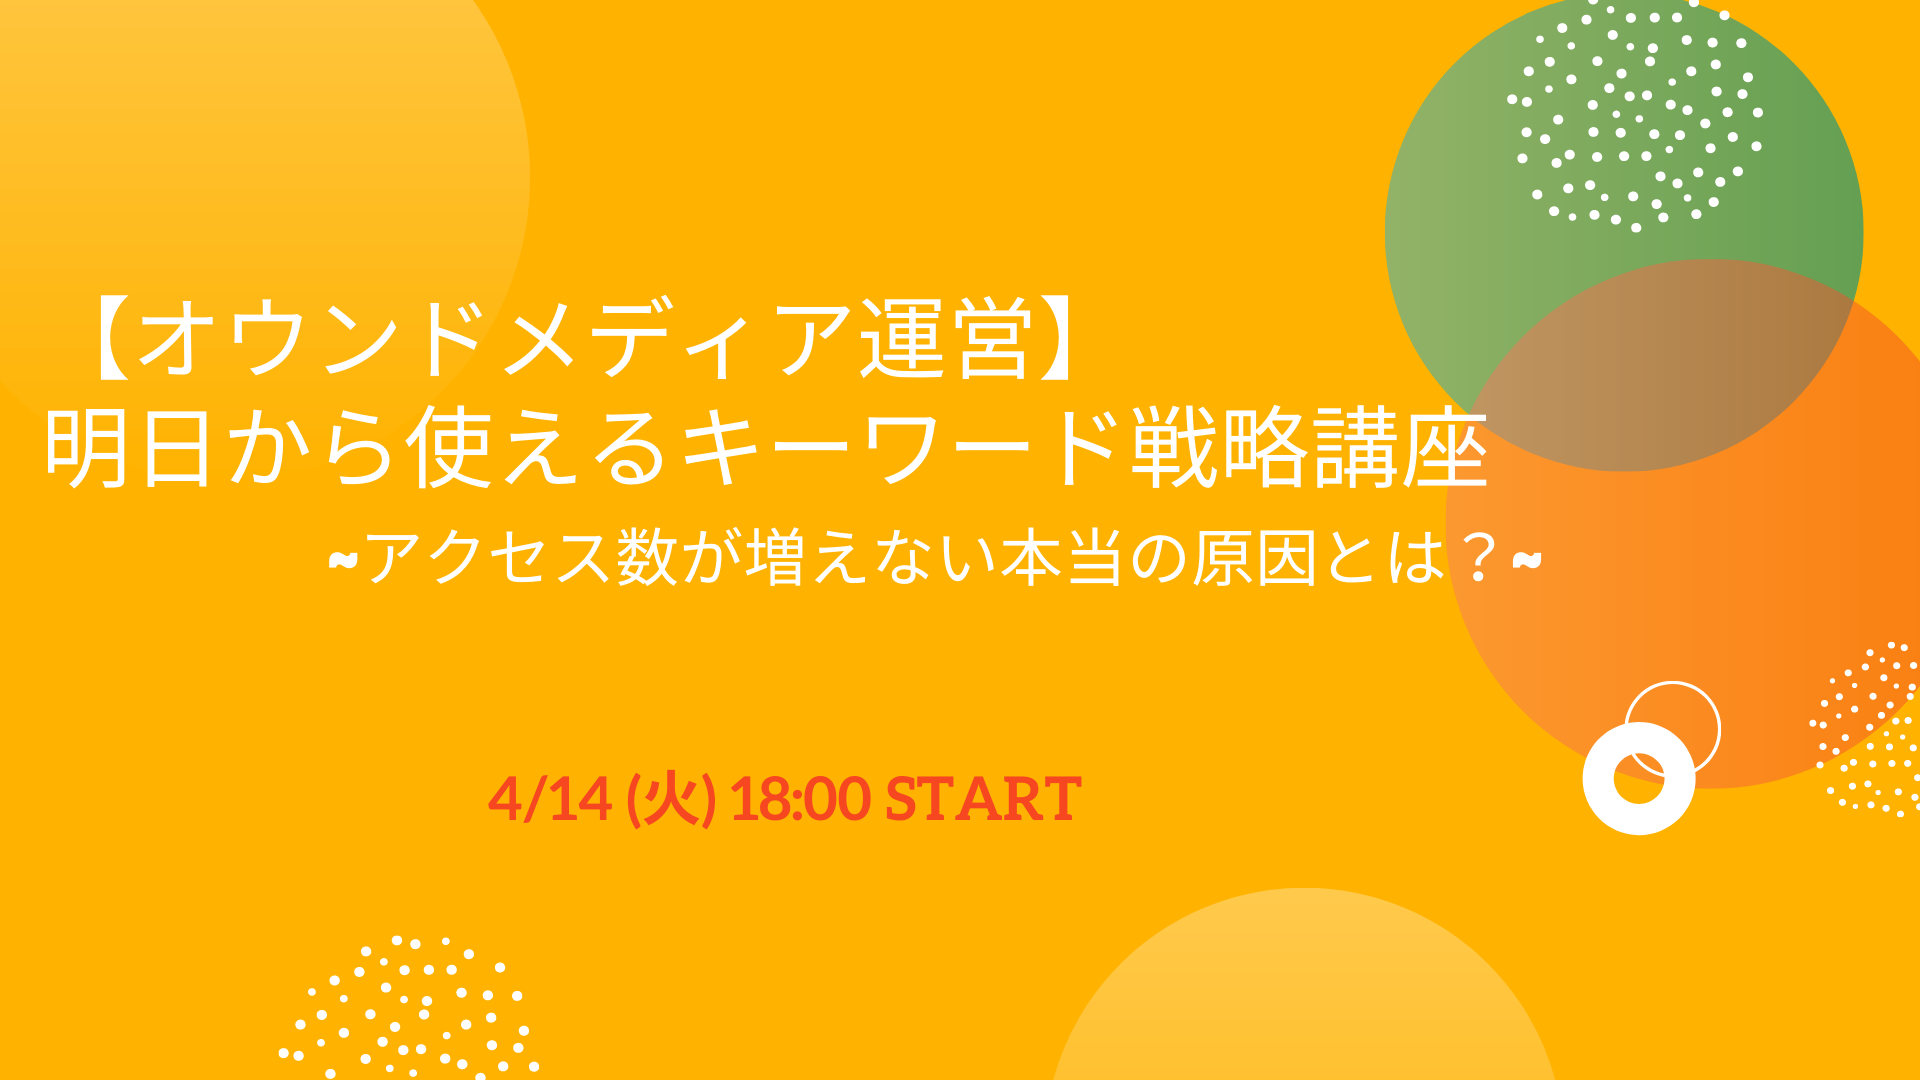 【受付終了】4月14日(火)開催!<br>オウンドメディア運営「明日から使えるキーワード戦略講座」~アクセス数が増えない本当の理由とは?~